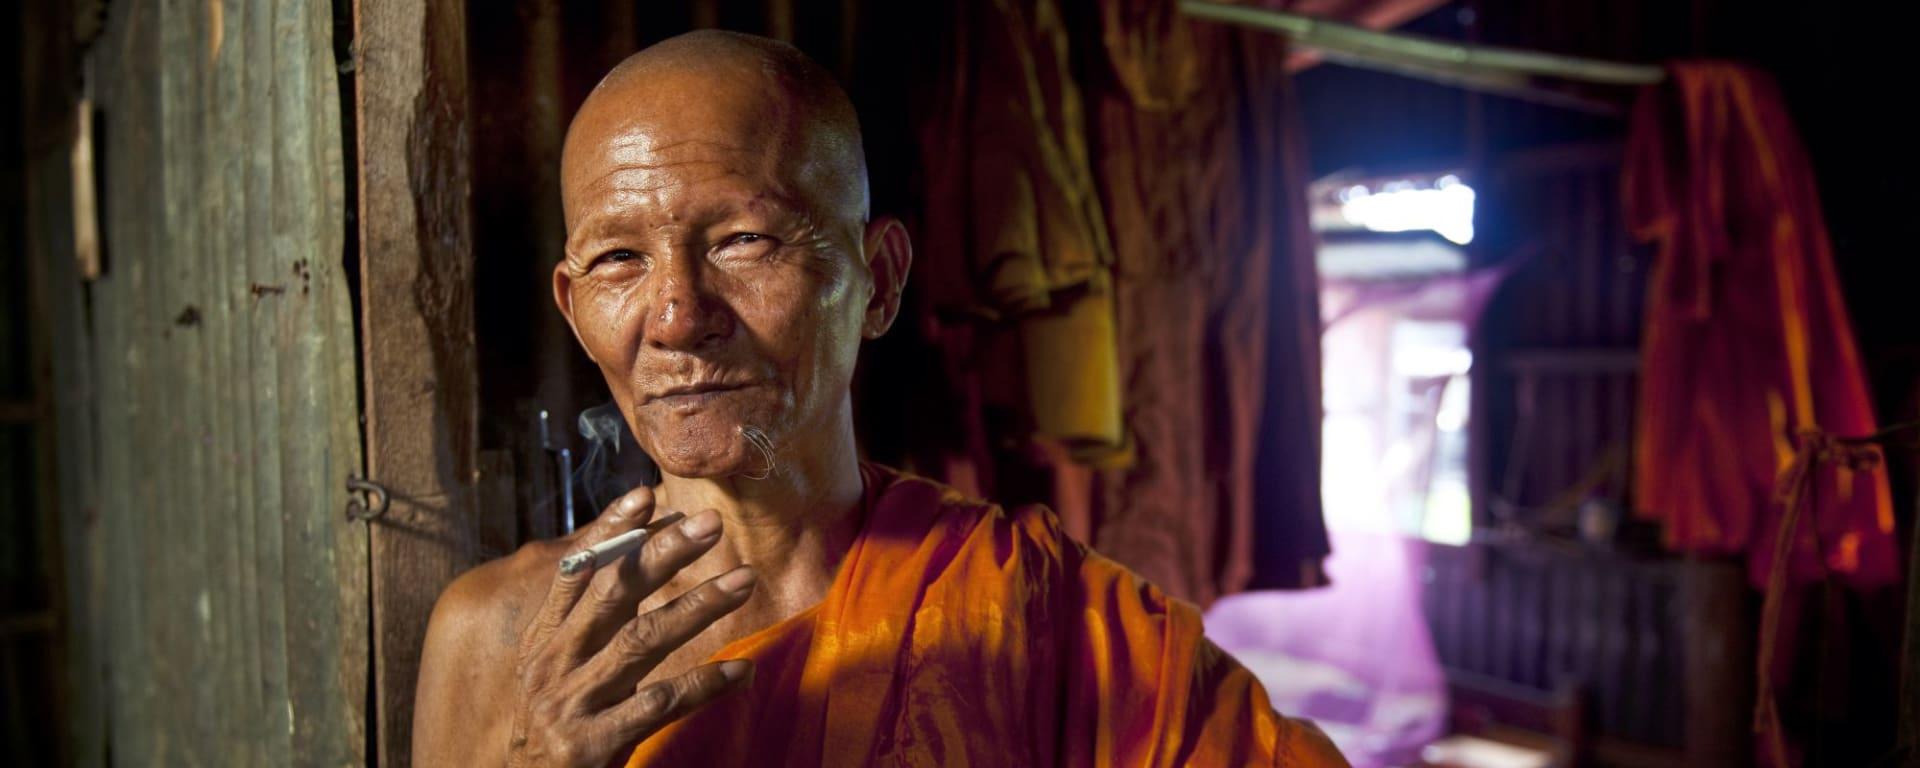 Voyages en Cambodge | Vacances en Asie par tourasia: Monk with cigarette